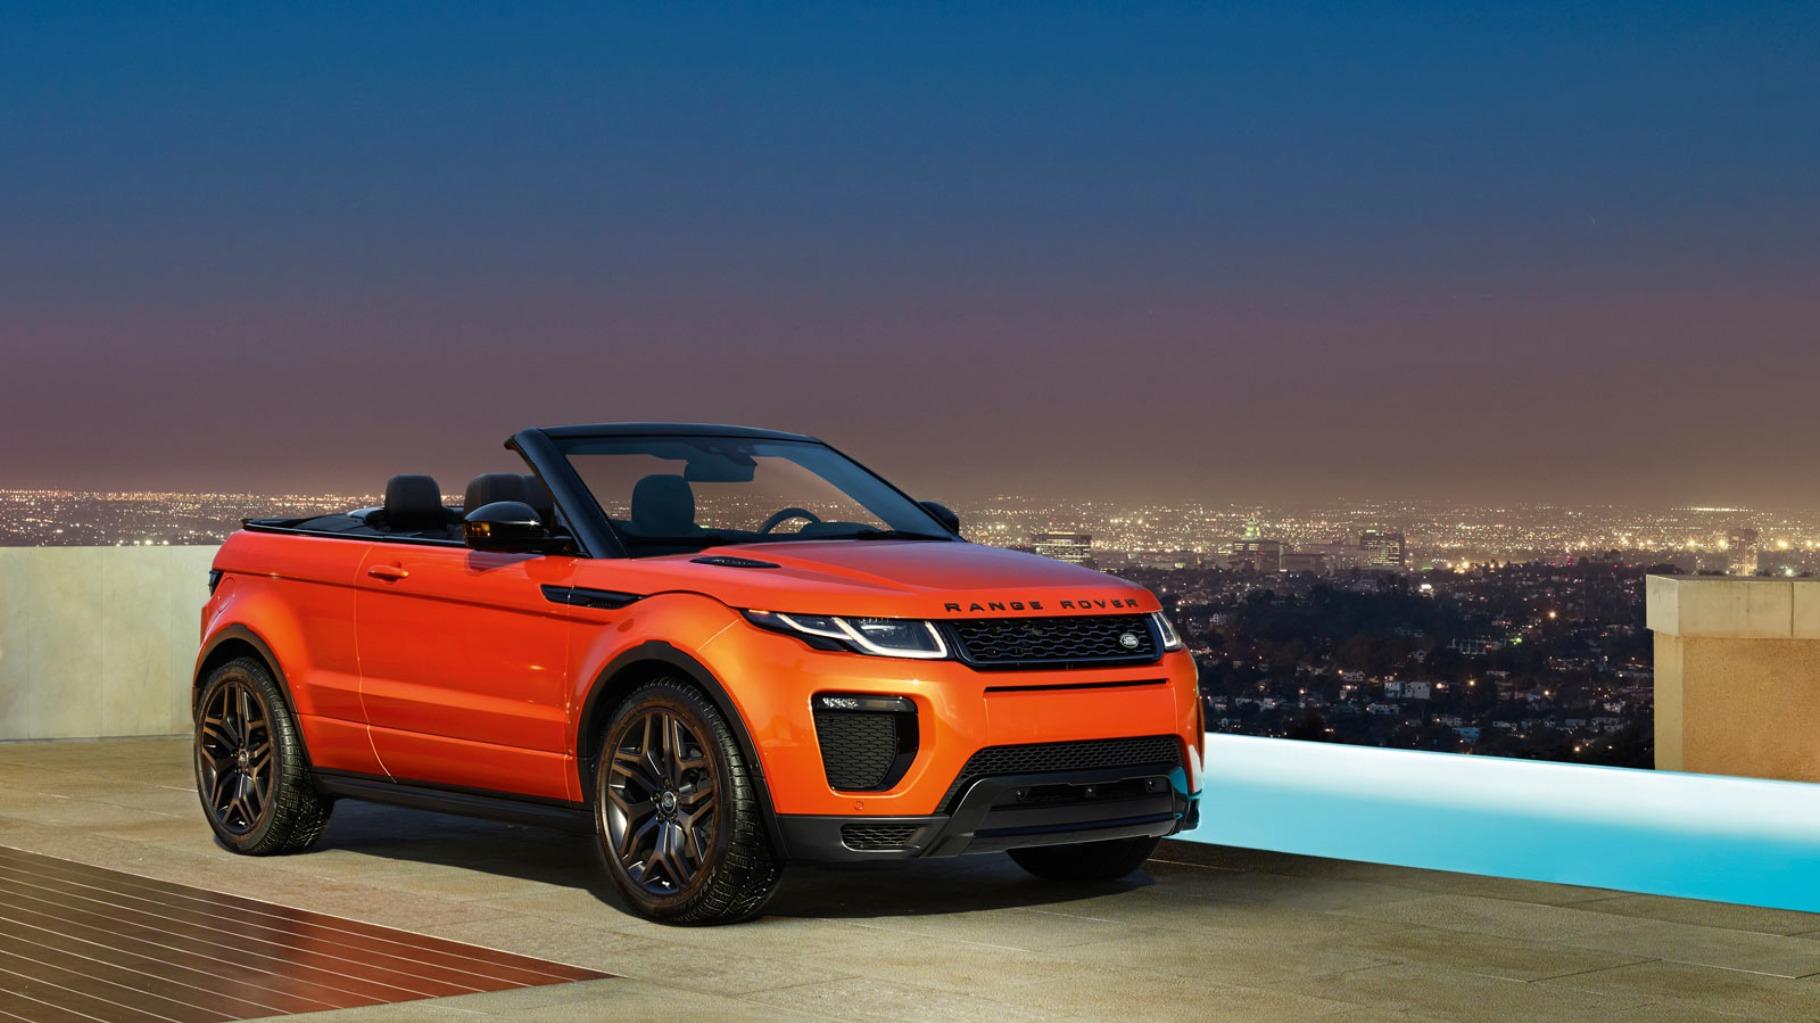 Range Rover Convertible >> Range Rover Evoque Convertible Sachins